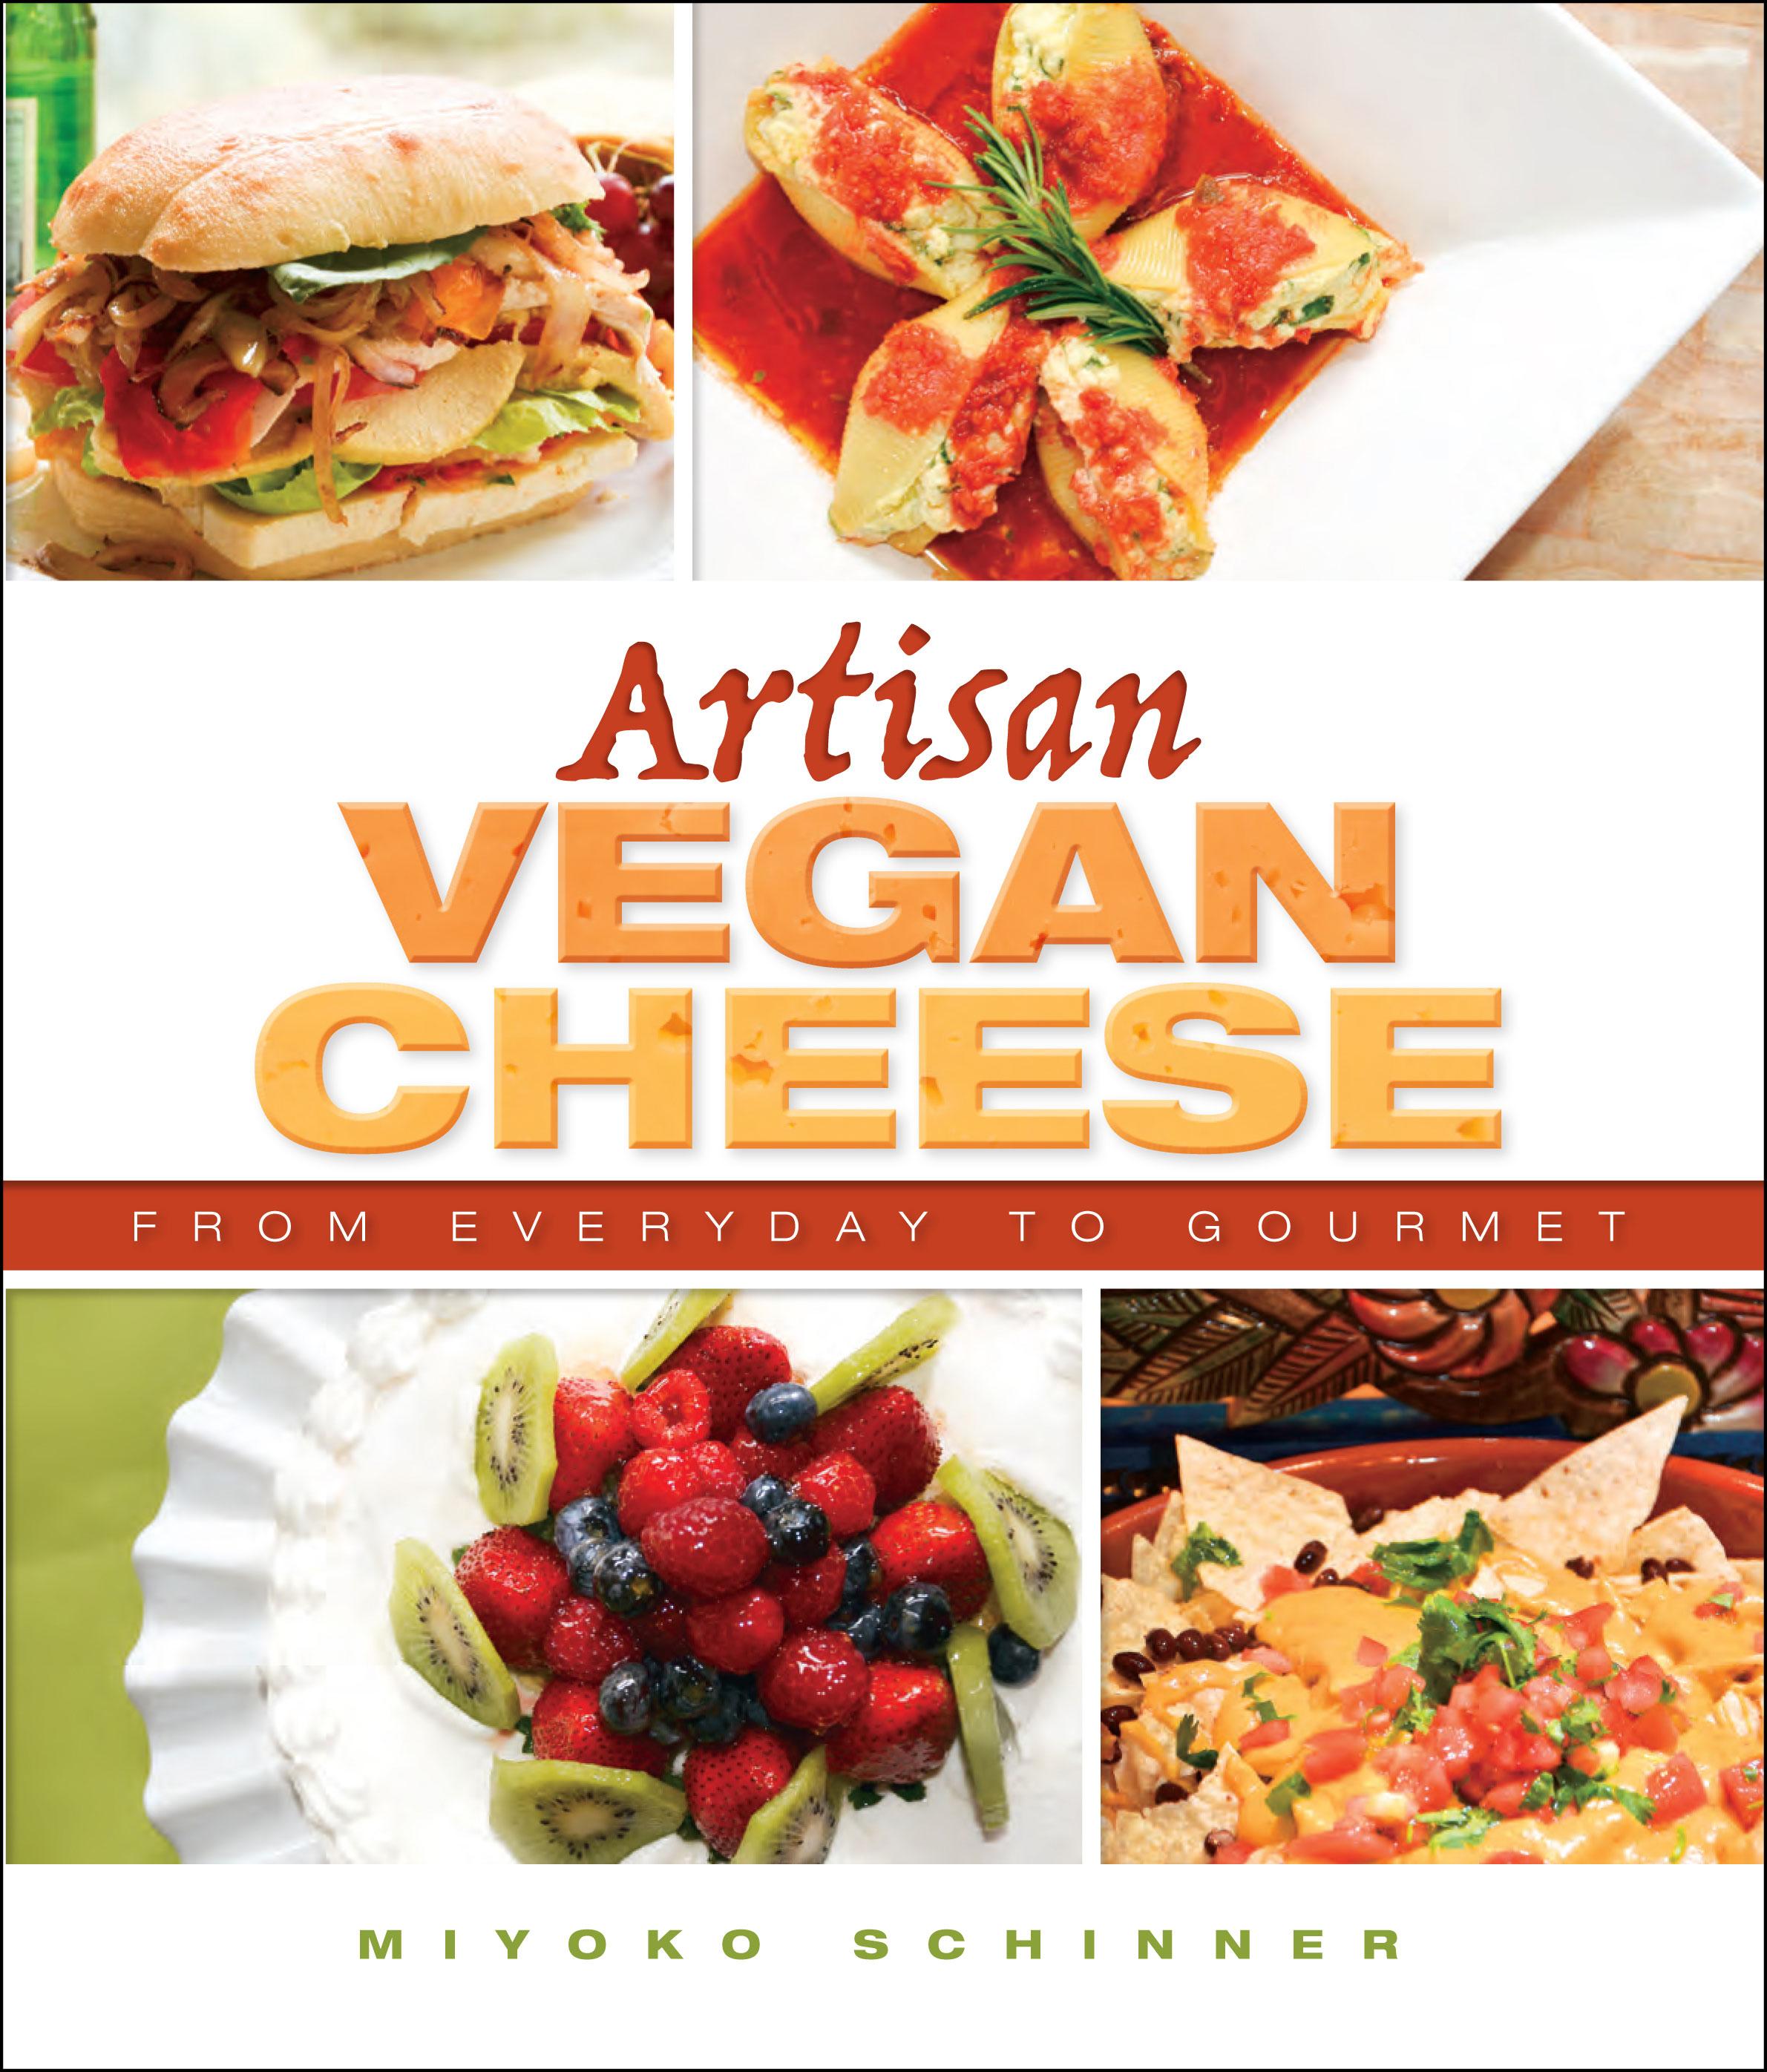 Artisan-Vegan-Cheese